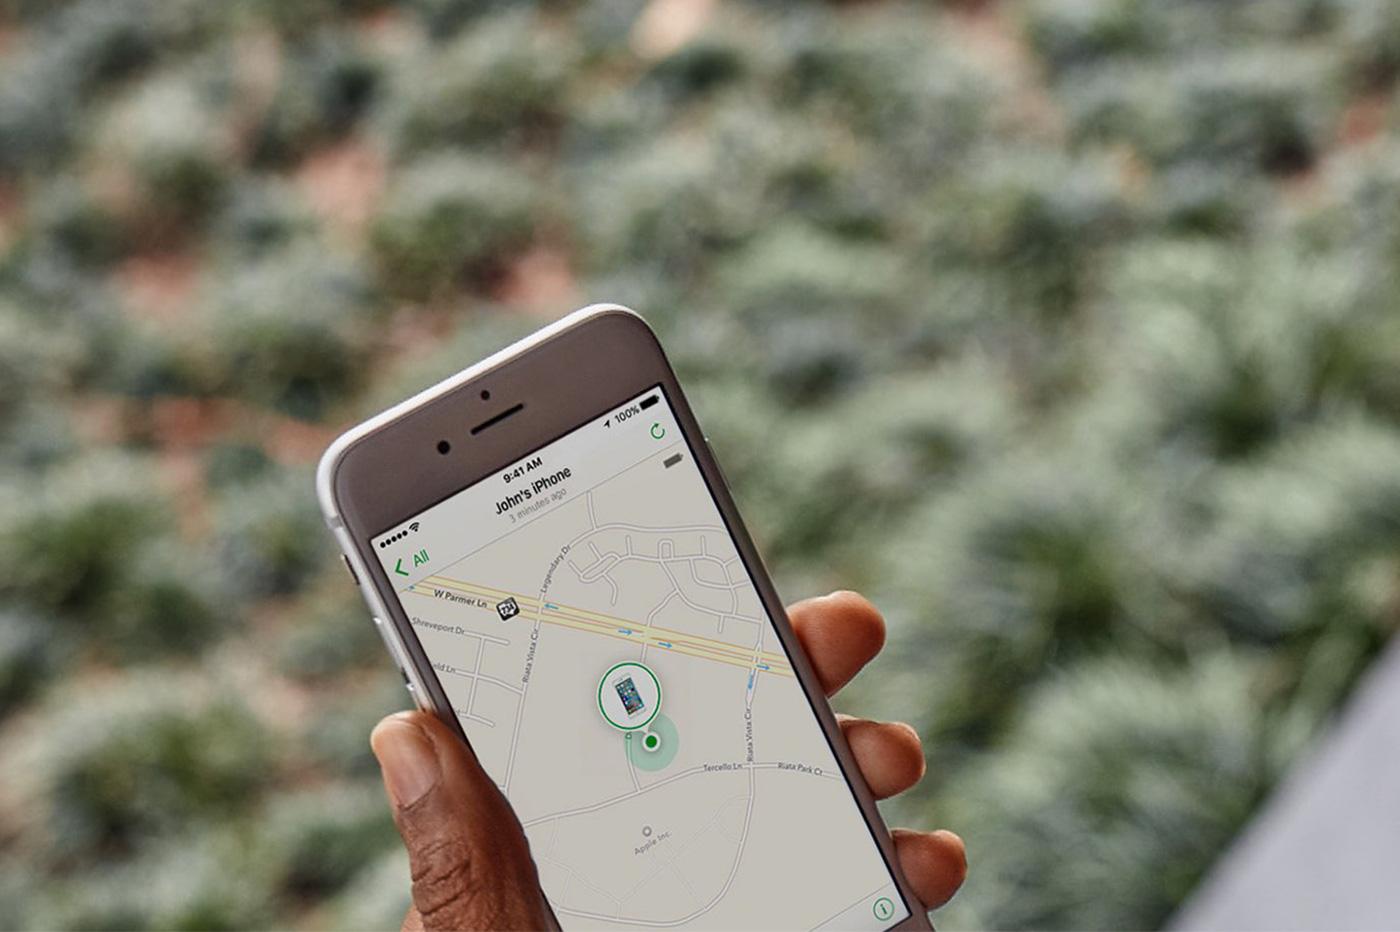 Pourquoi Apple voudrait fusionner Find My iPhone et Find My Friends